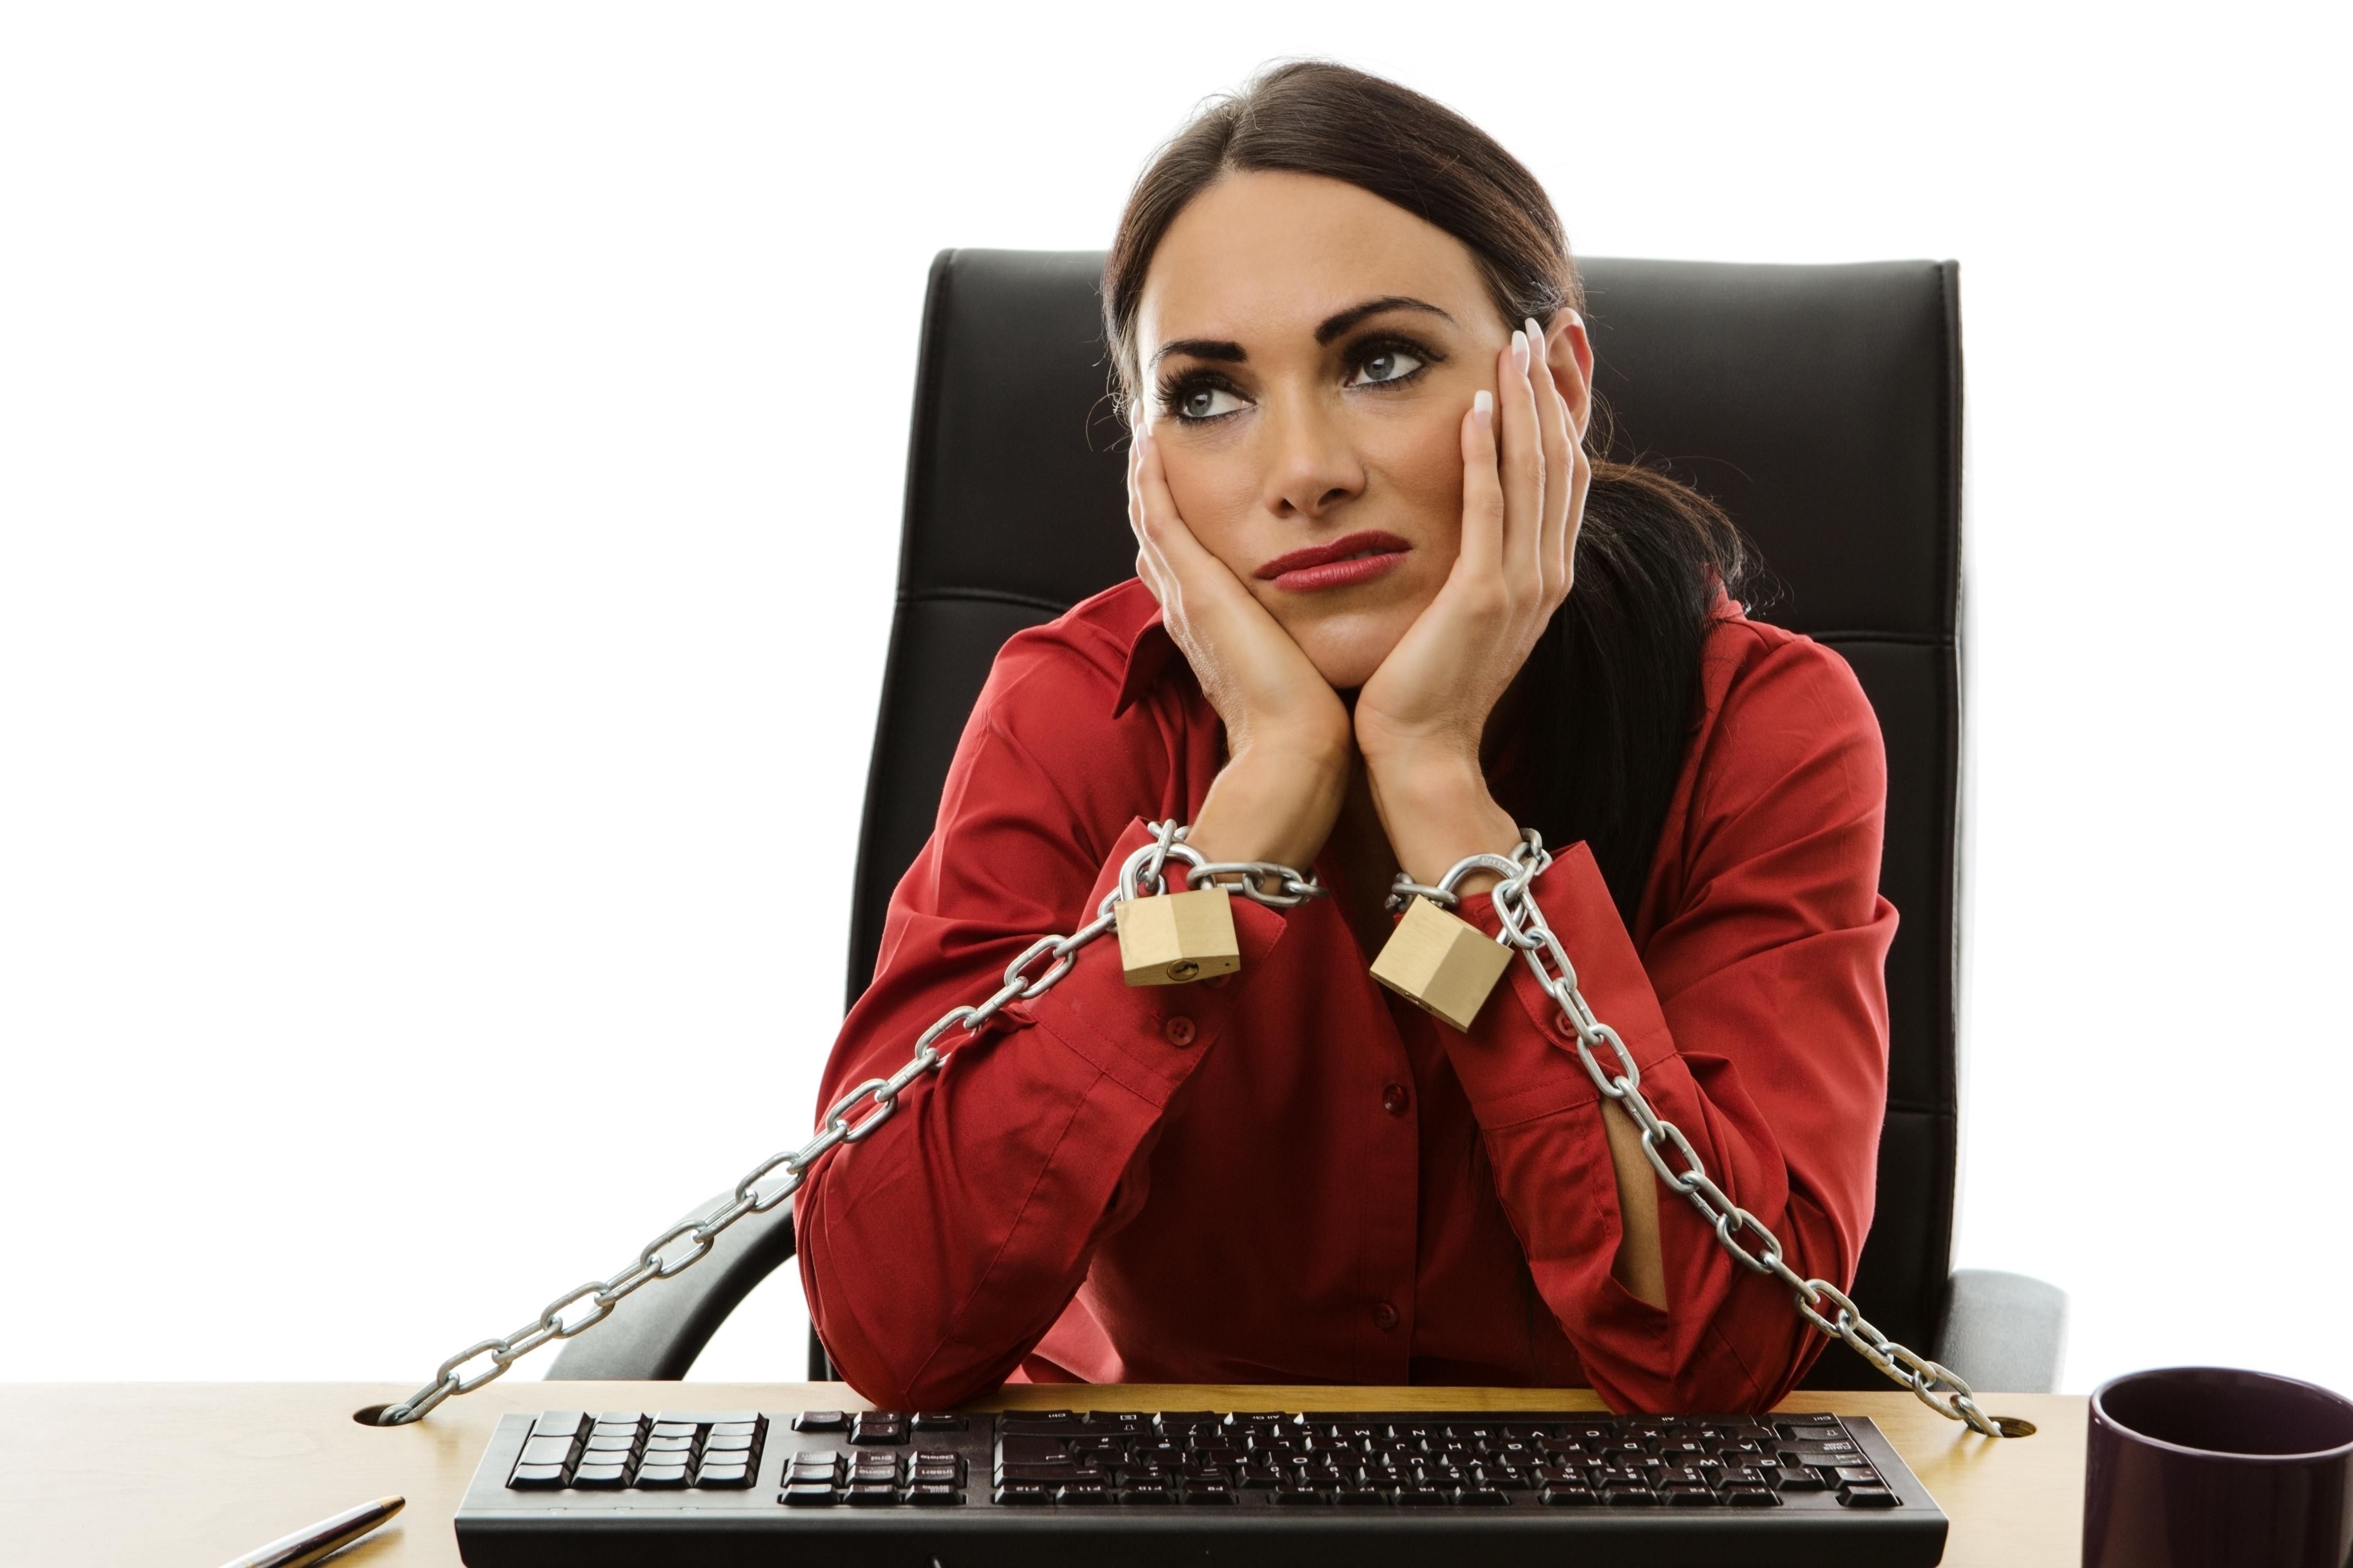 Don't Let This Huge Misconception About Time Management Sap Your Productivity (Part 1)